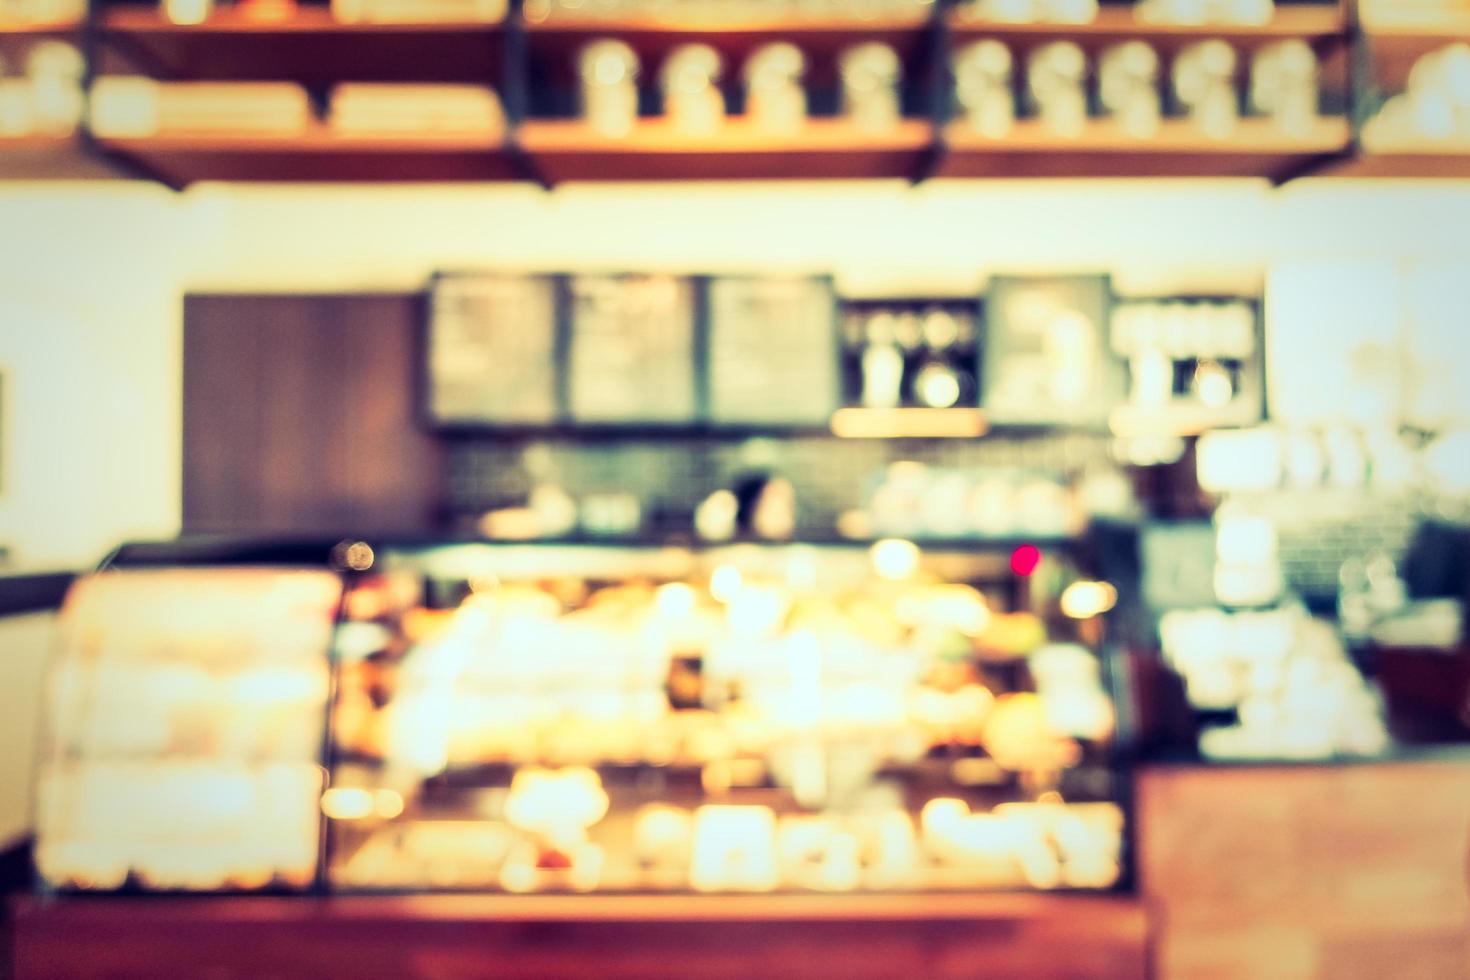 Desenfoque abstracto y cafetería y restaurante desenfocado foto